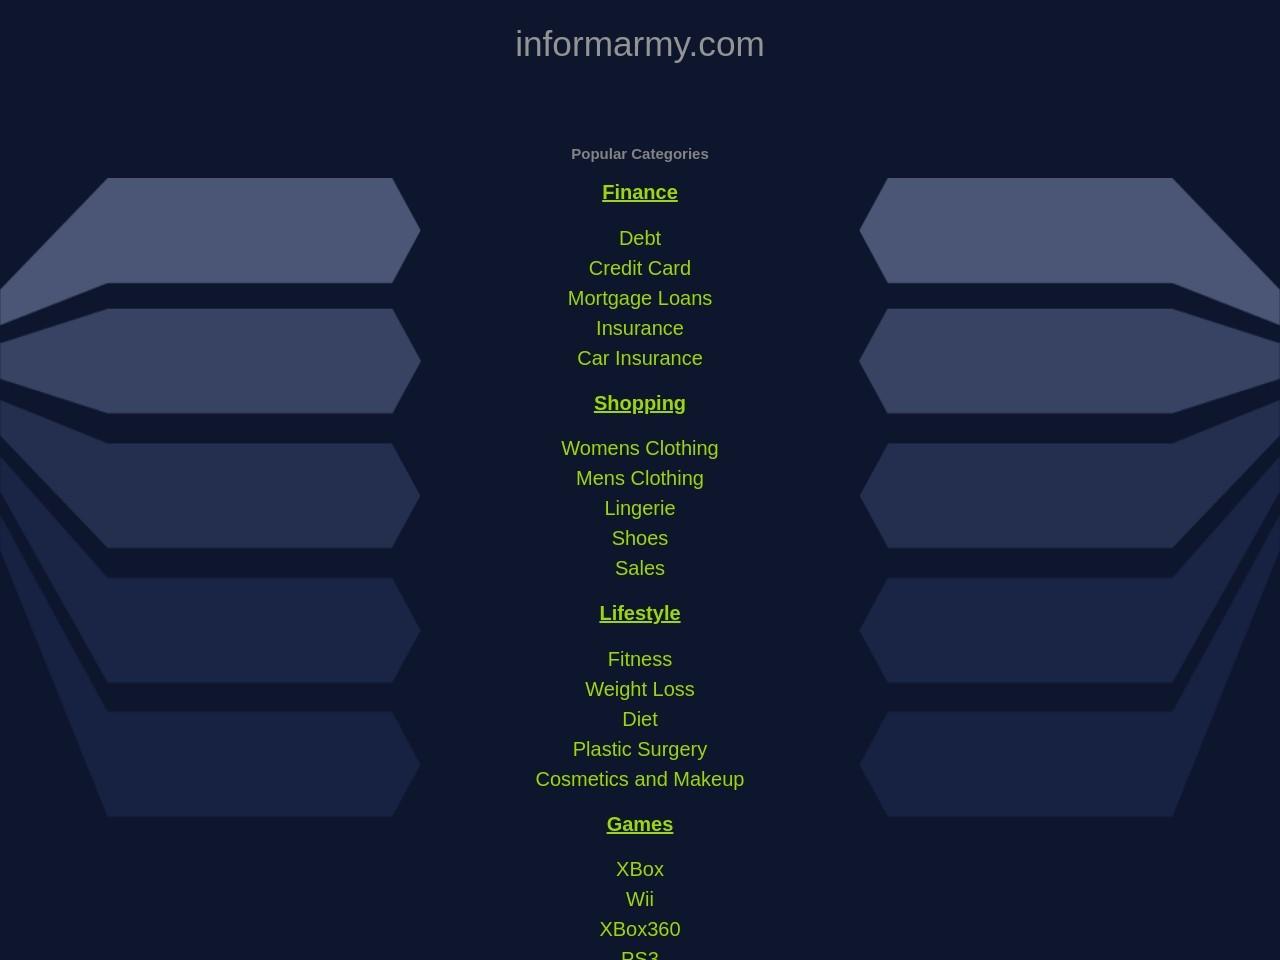 informarmy-com-il-blog-dellinformazione